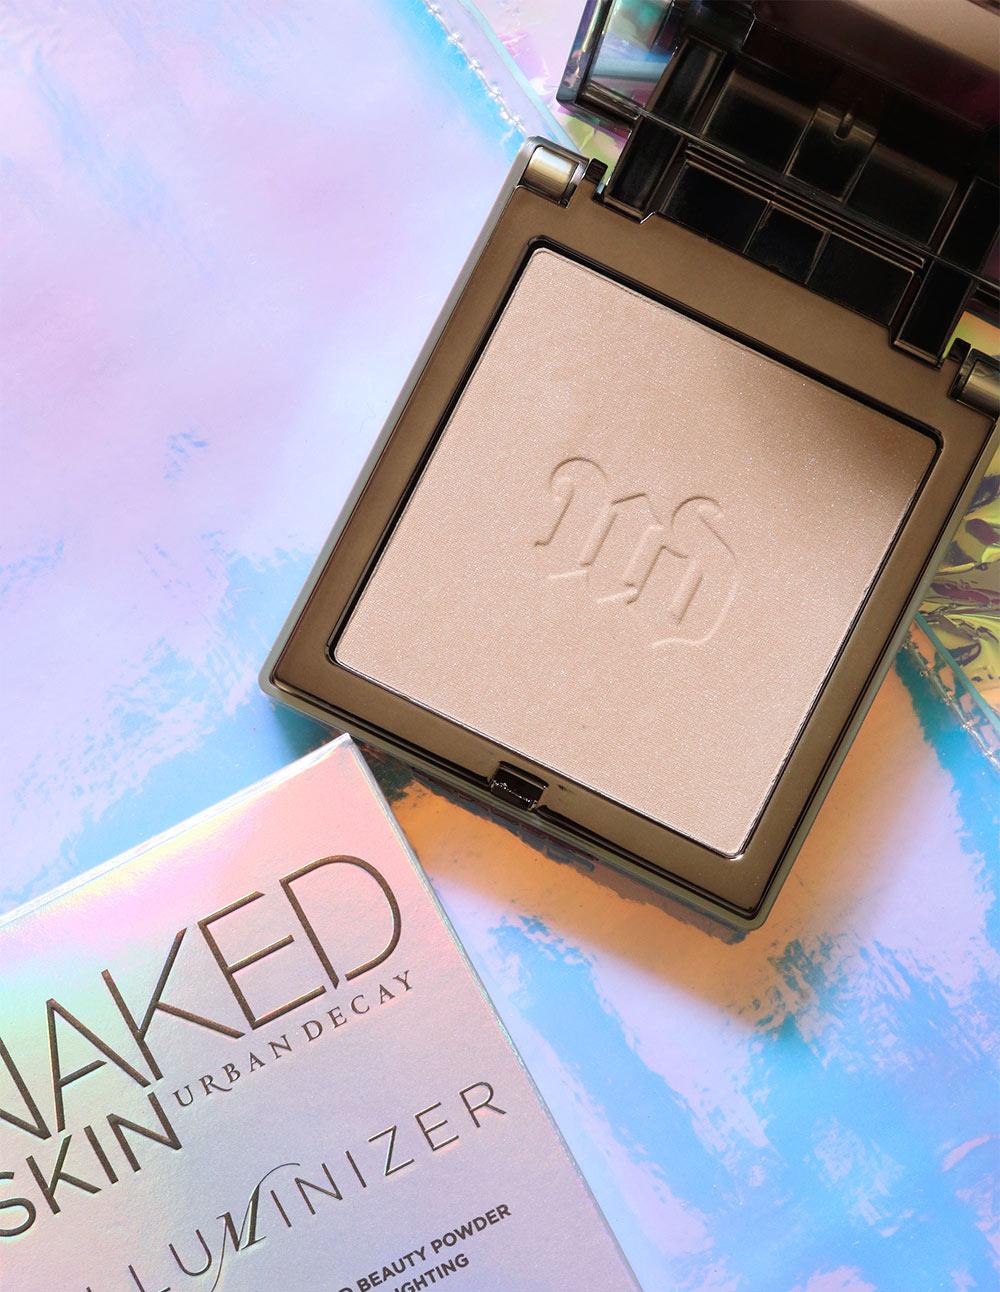 Naked cosmetics translucent powder